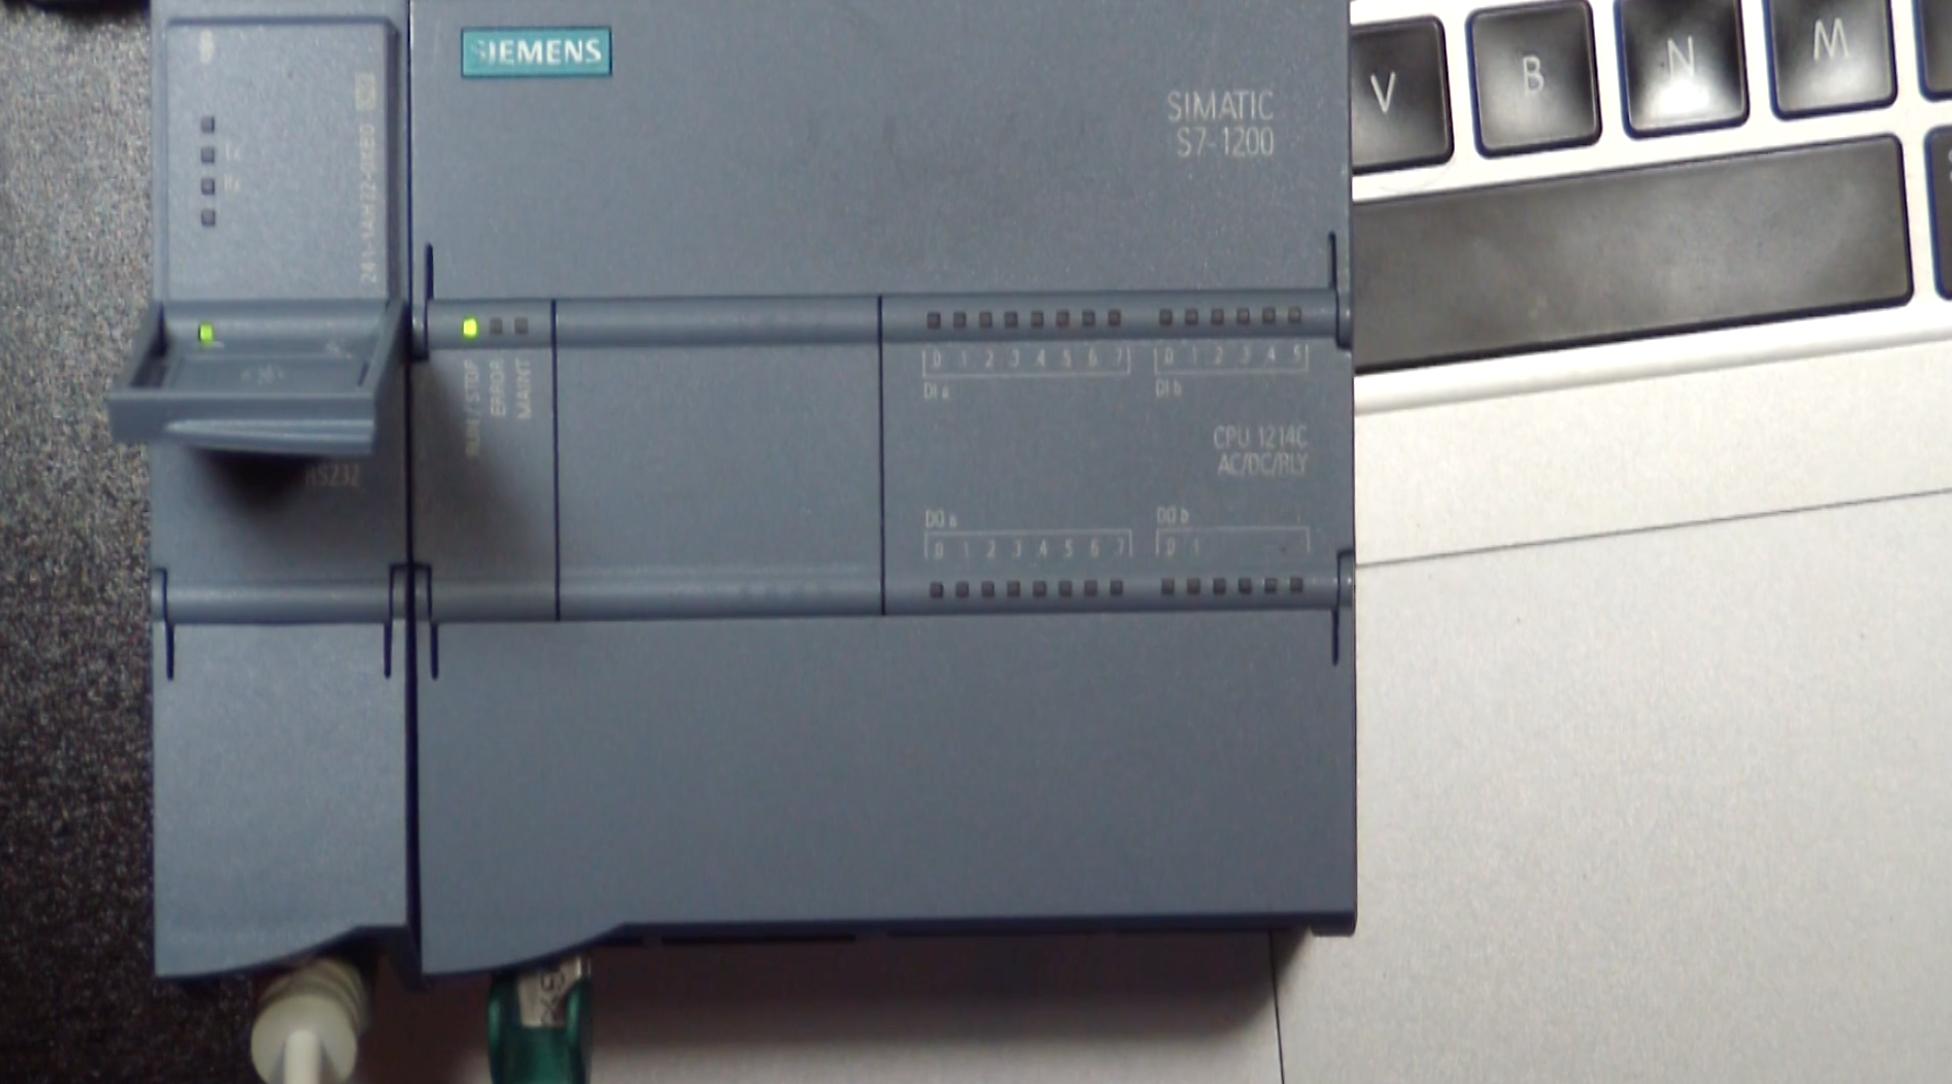 Video 12-curso cm1241 para s7-1200 en eeymuc